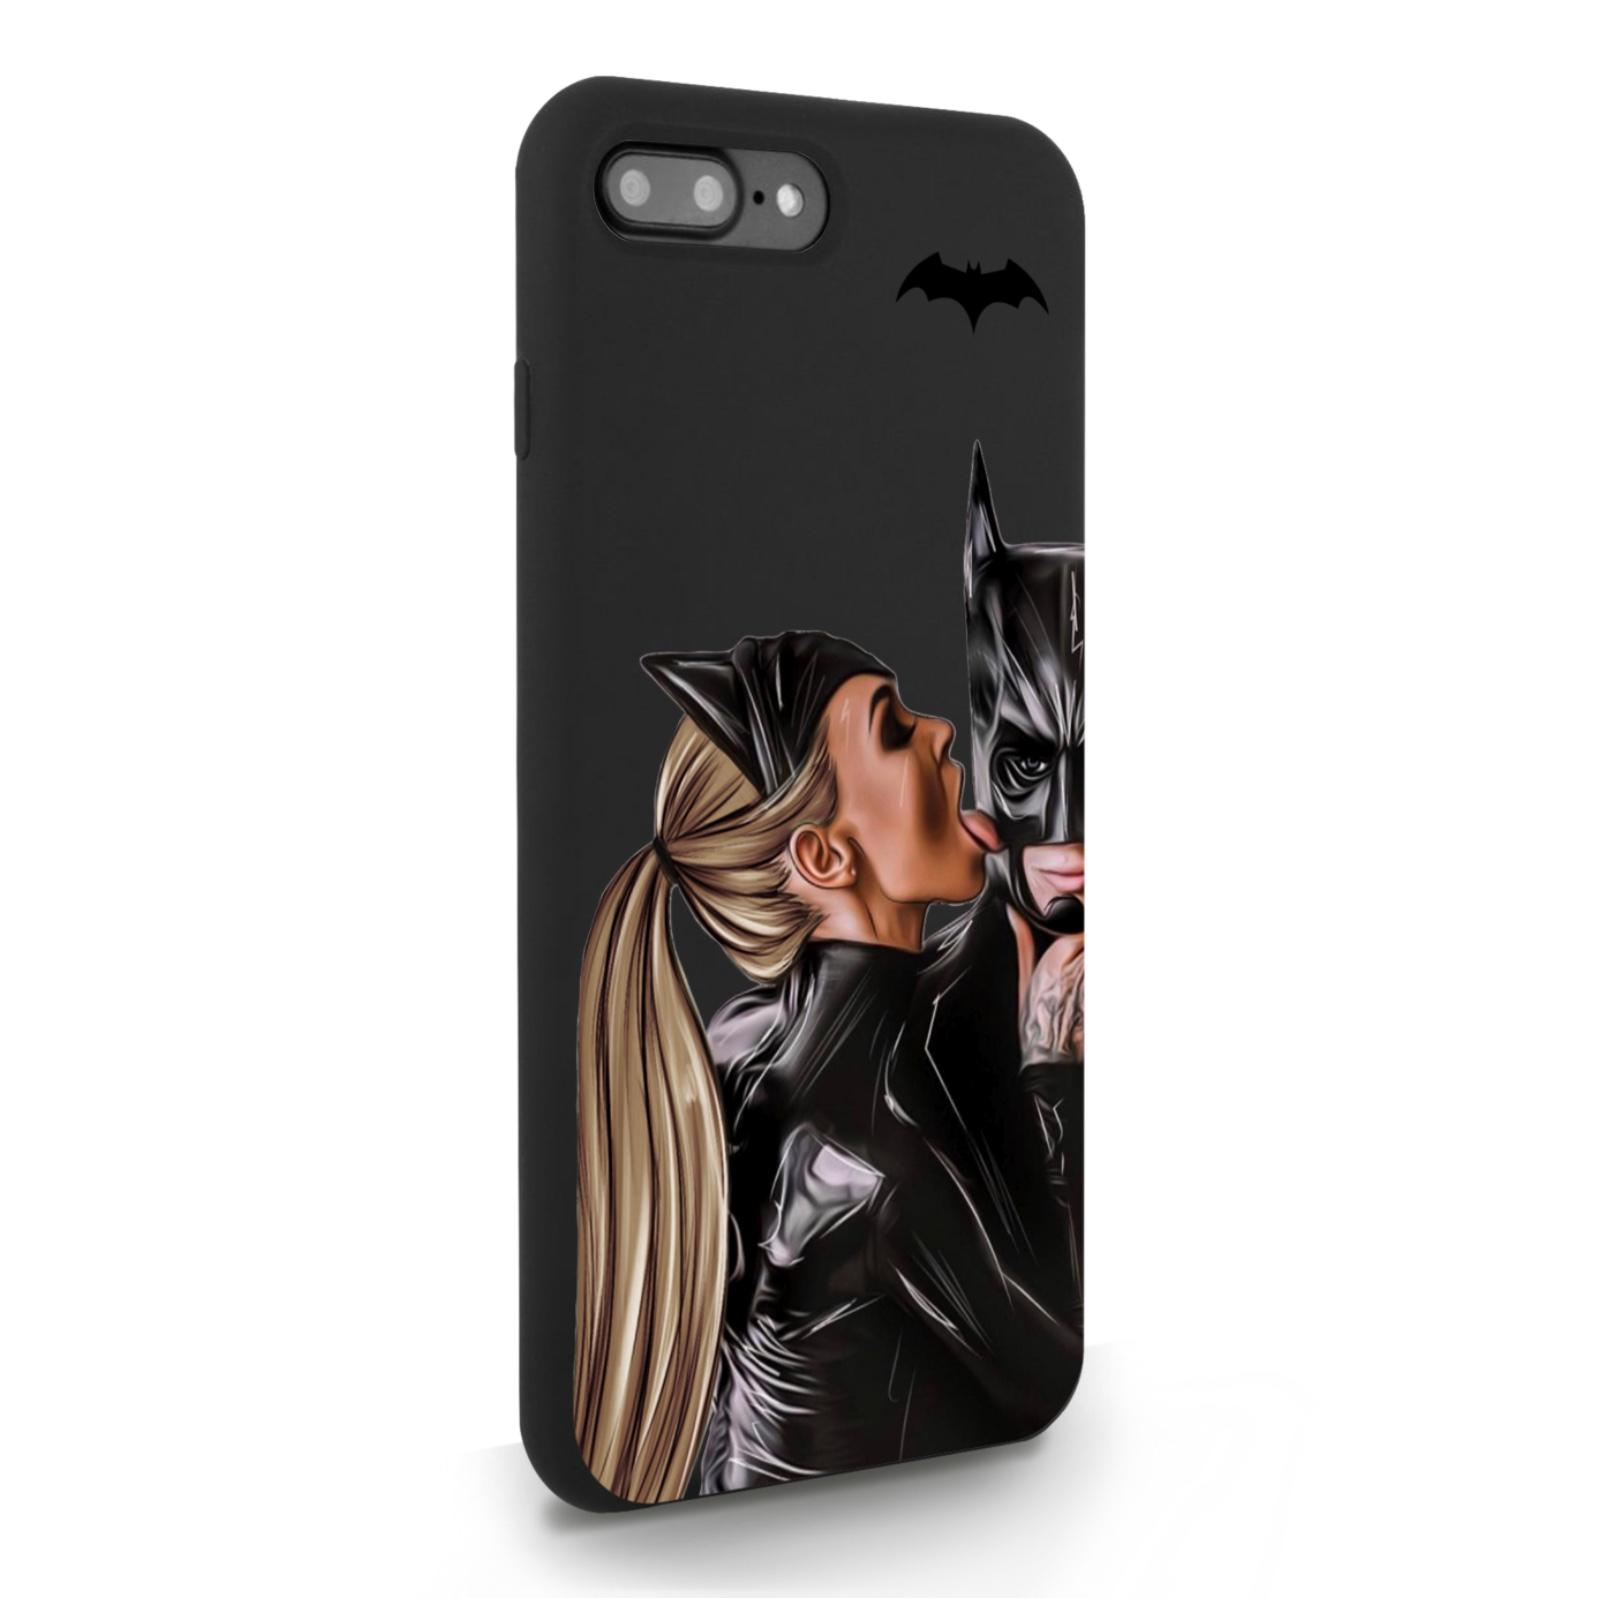 Черный силиконовый чехол для iPhone 7/8 Plus Cat Woman/ Женщина-кошка и бэтмен для Айфон 7/8 Плюс